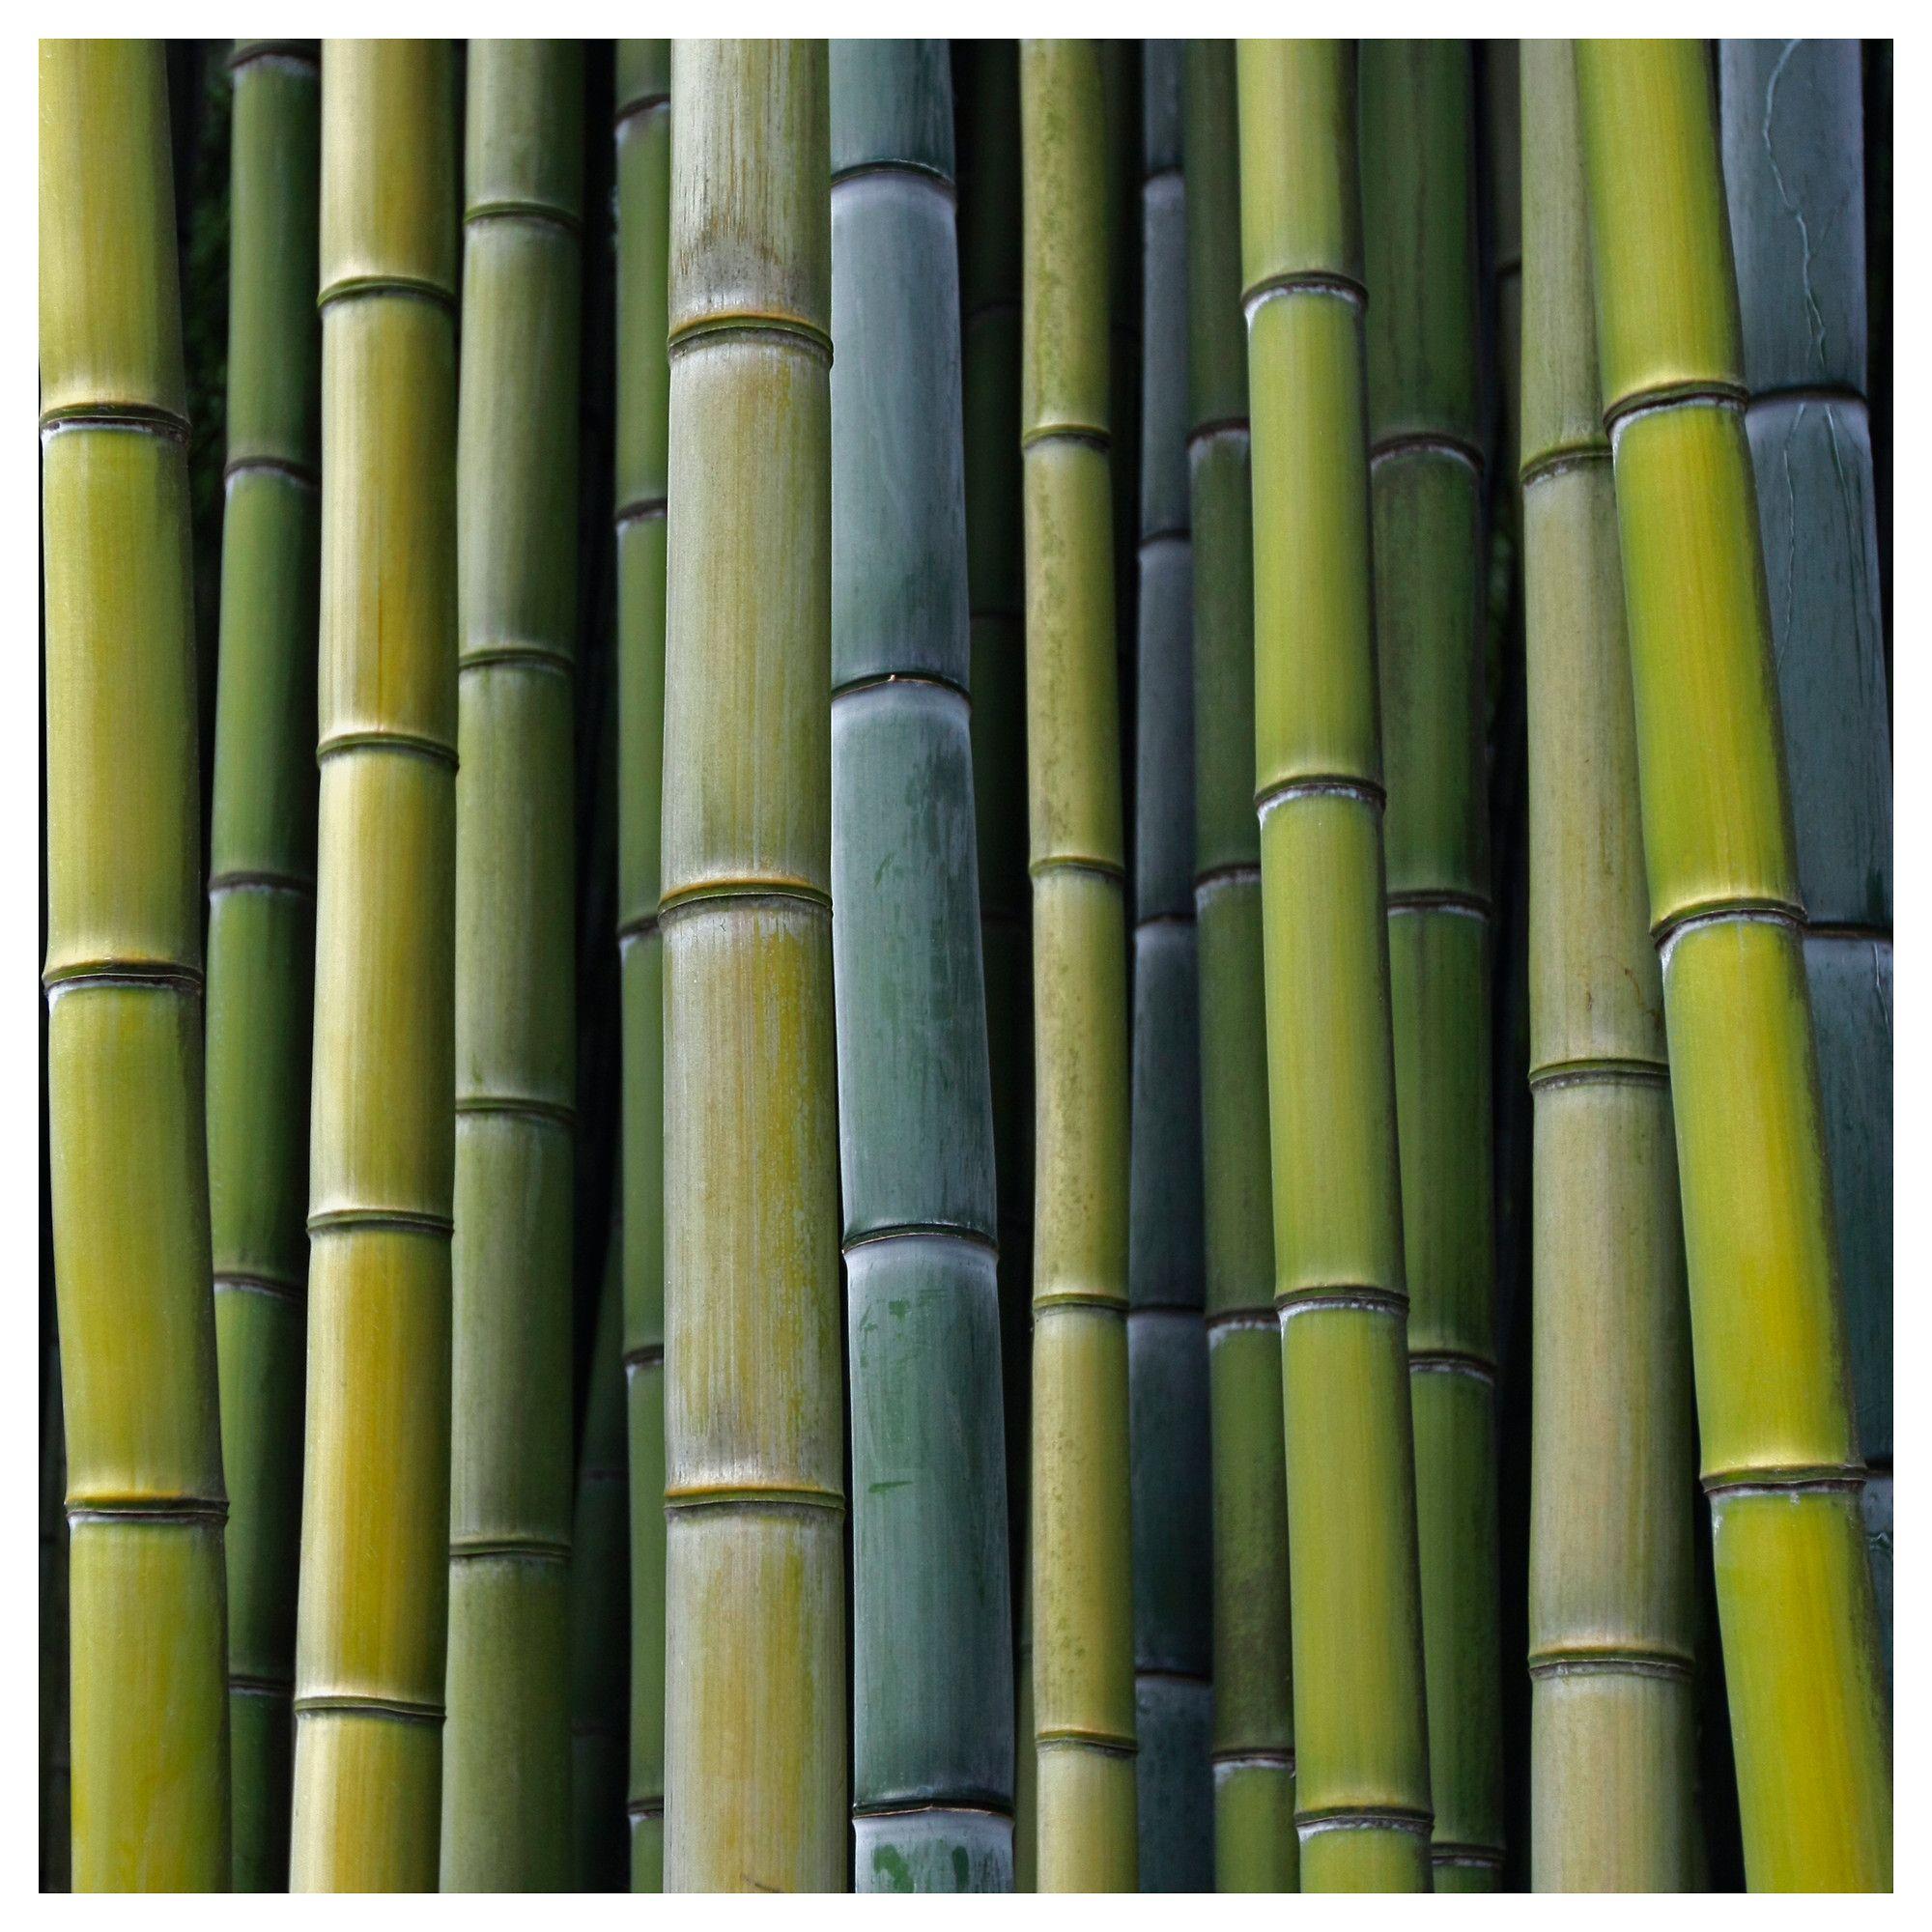 sch ne intensive farben katalg s 159 pj tteryd bild meine eselsohren im ikea katalog 2012. Black Bedroom Furniture Sets. Home Design Ideas